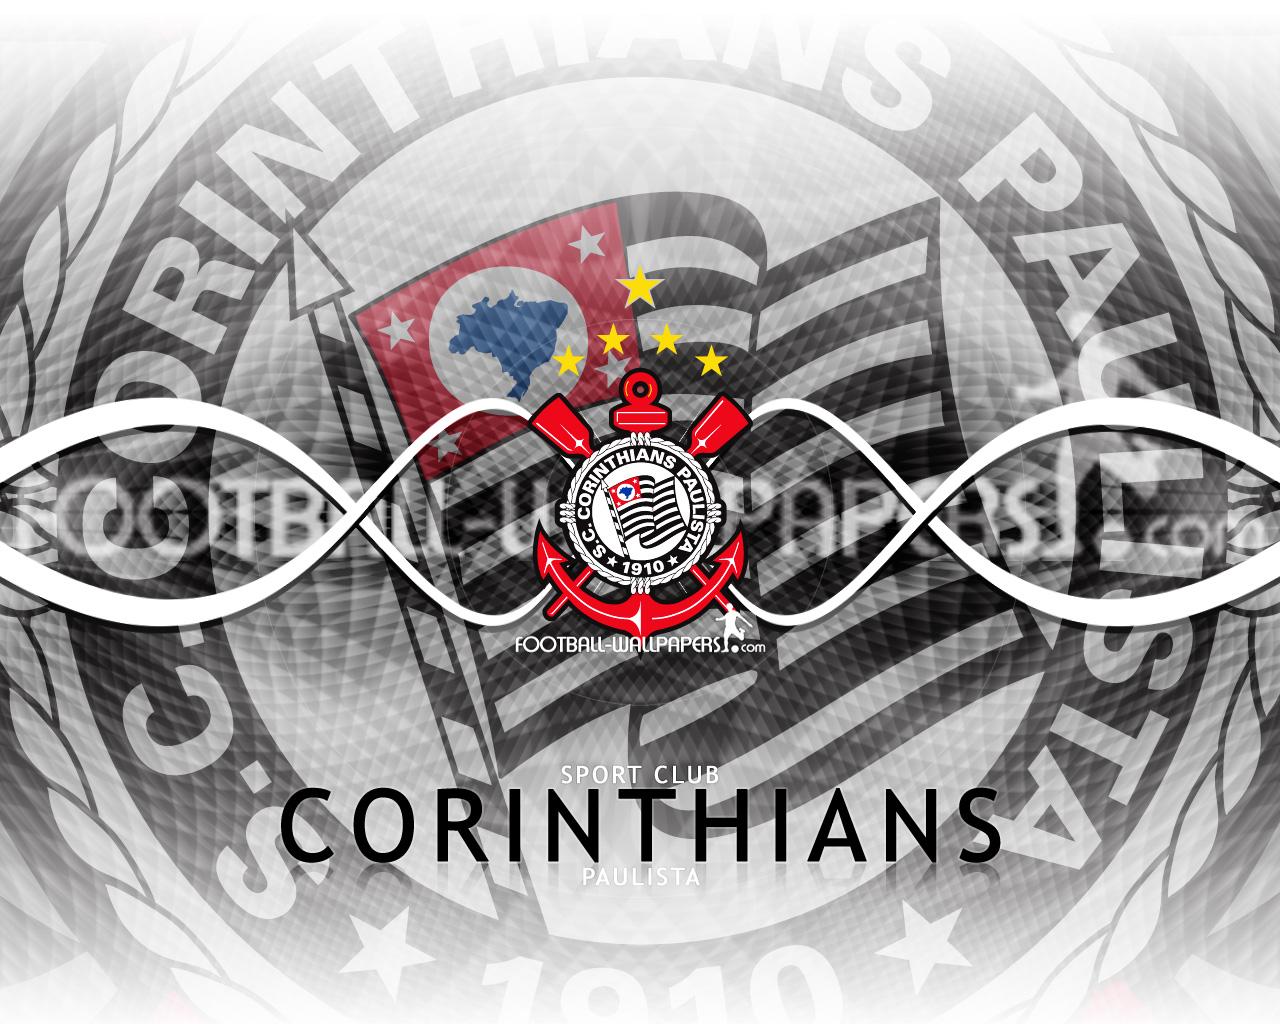 Fotos Corinthians ~ BLOG DO HUGO FREITAS AMOR NO DNA CORINTHIANS, O MELHOR TIME DO MUNDO!!!